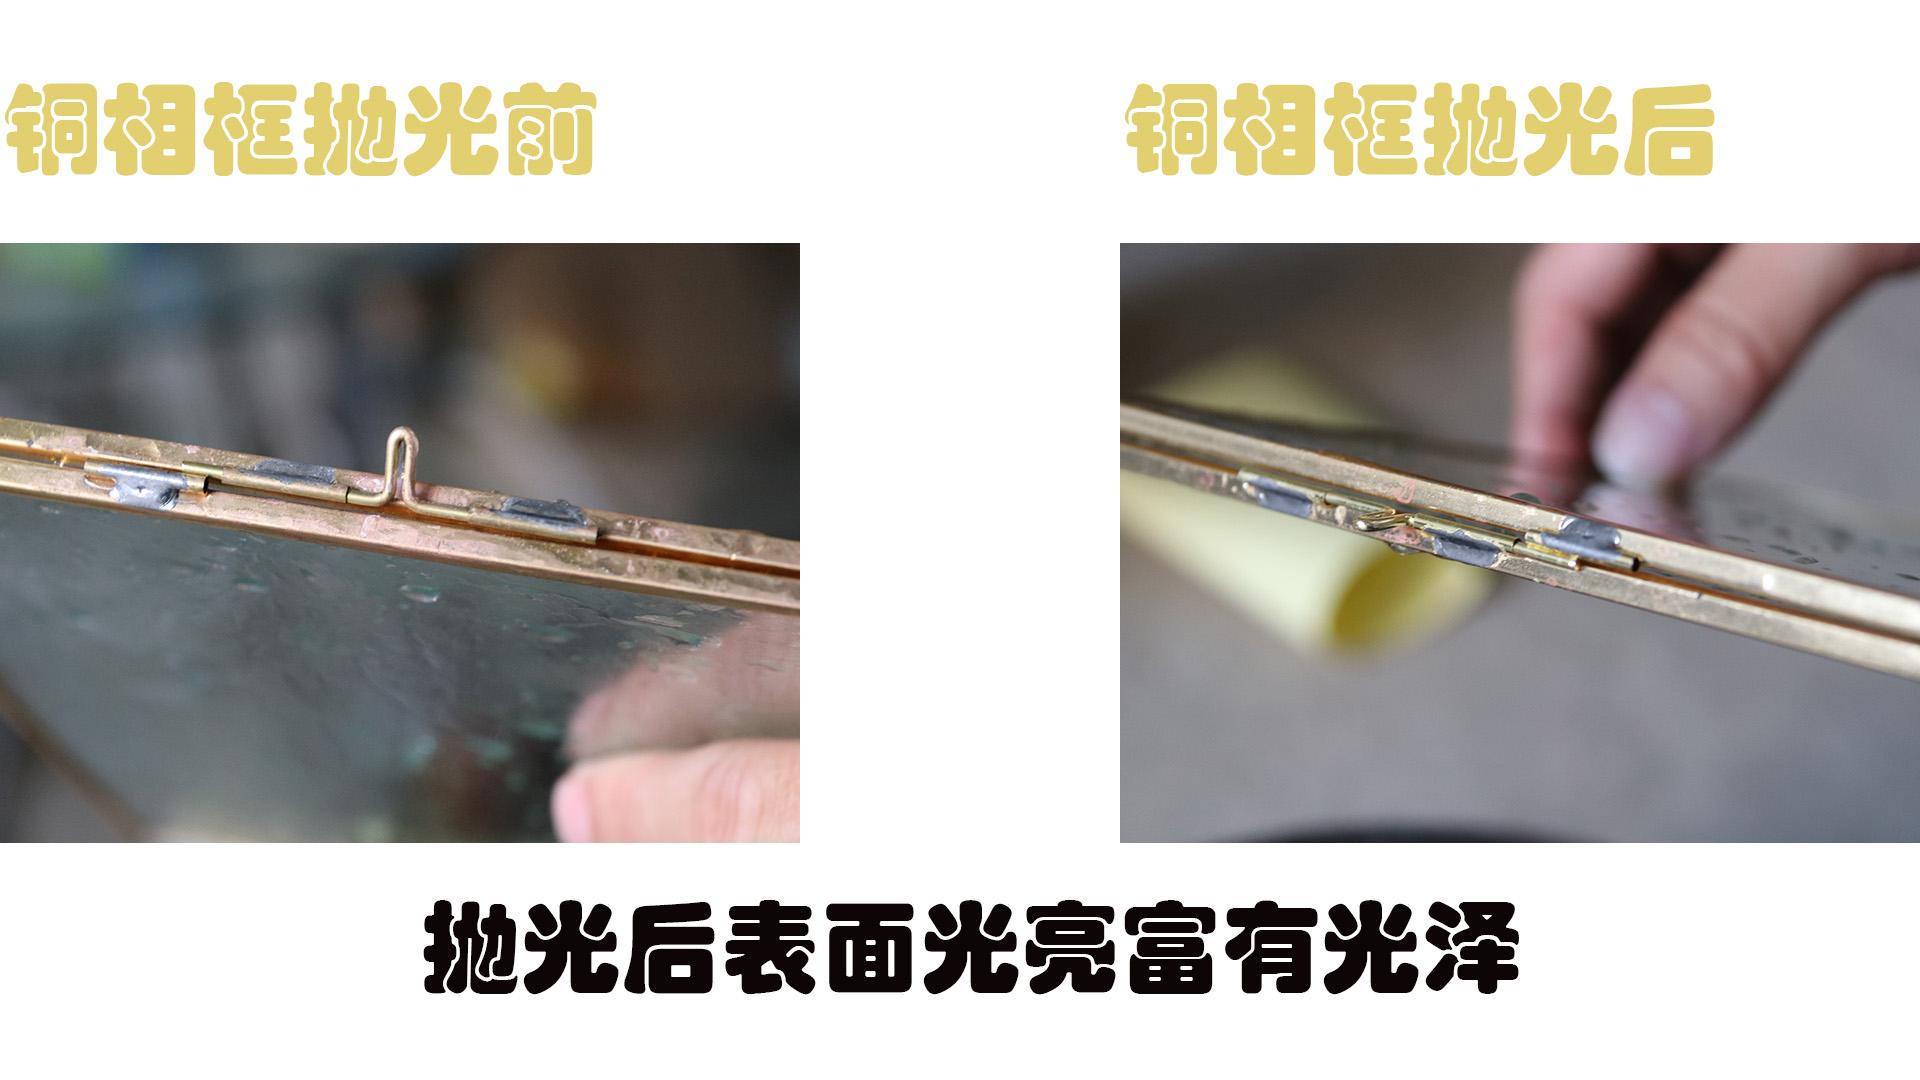 铜制相框抛光处理,看铜抛光让铜材还原光亮本色!